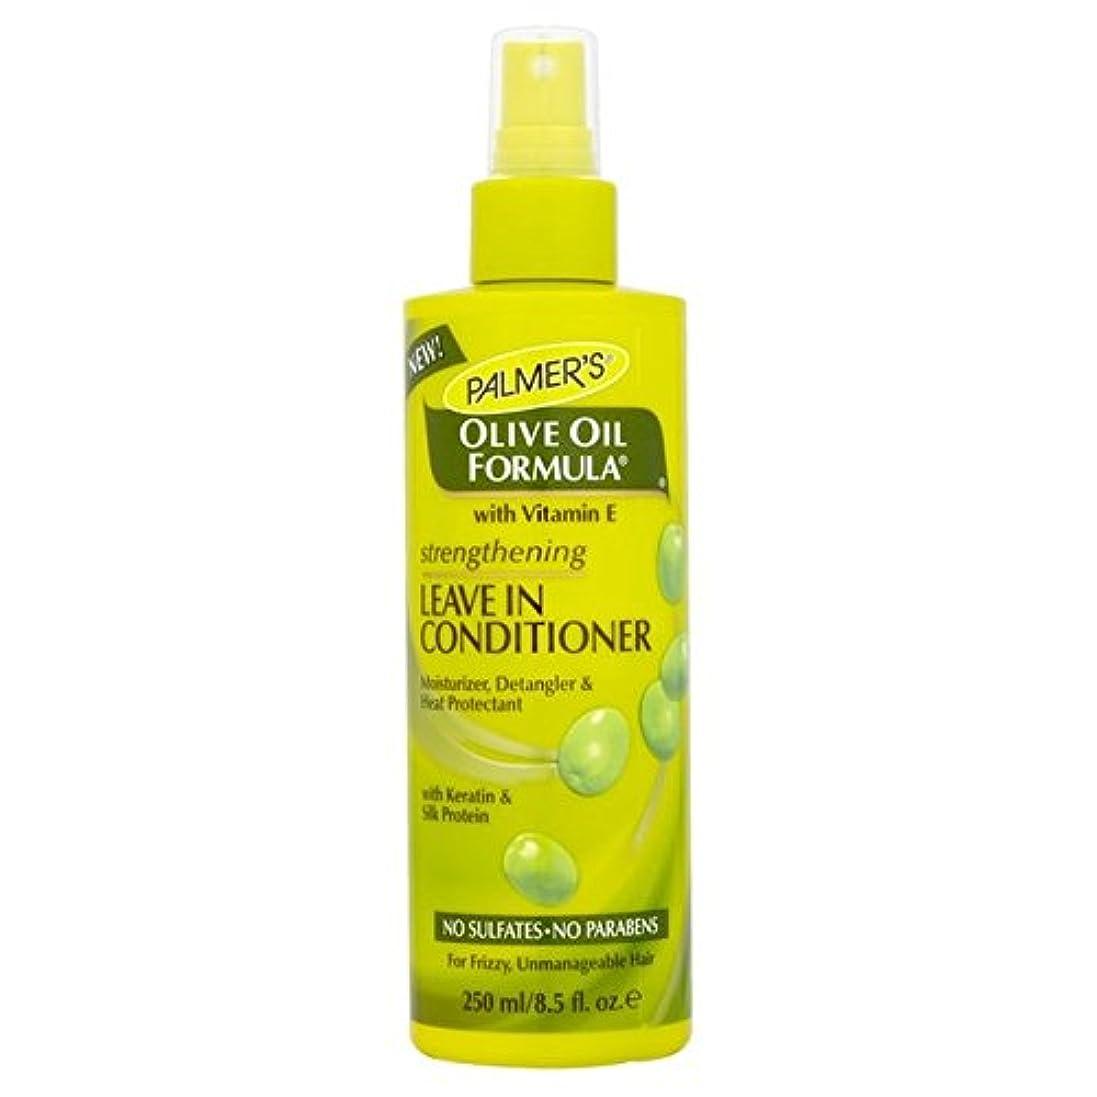 レーザ市民幽霊Palmer's Olive Oil Formula Strengthening Leave-in Conditioner 250ml (Pack of 6) - リーブインコンディショナー250を強化パーマーのオリーブオイル...